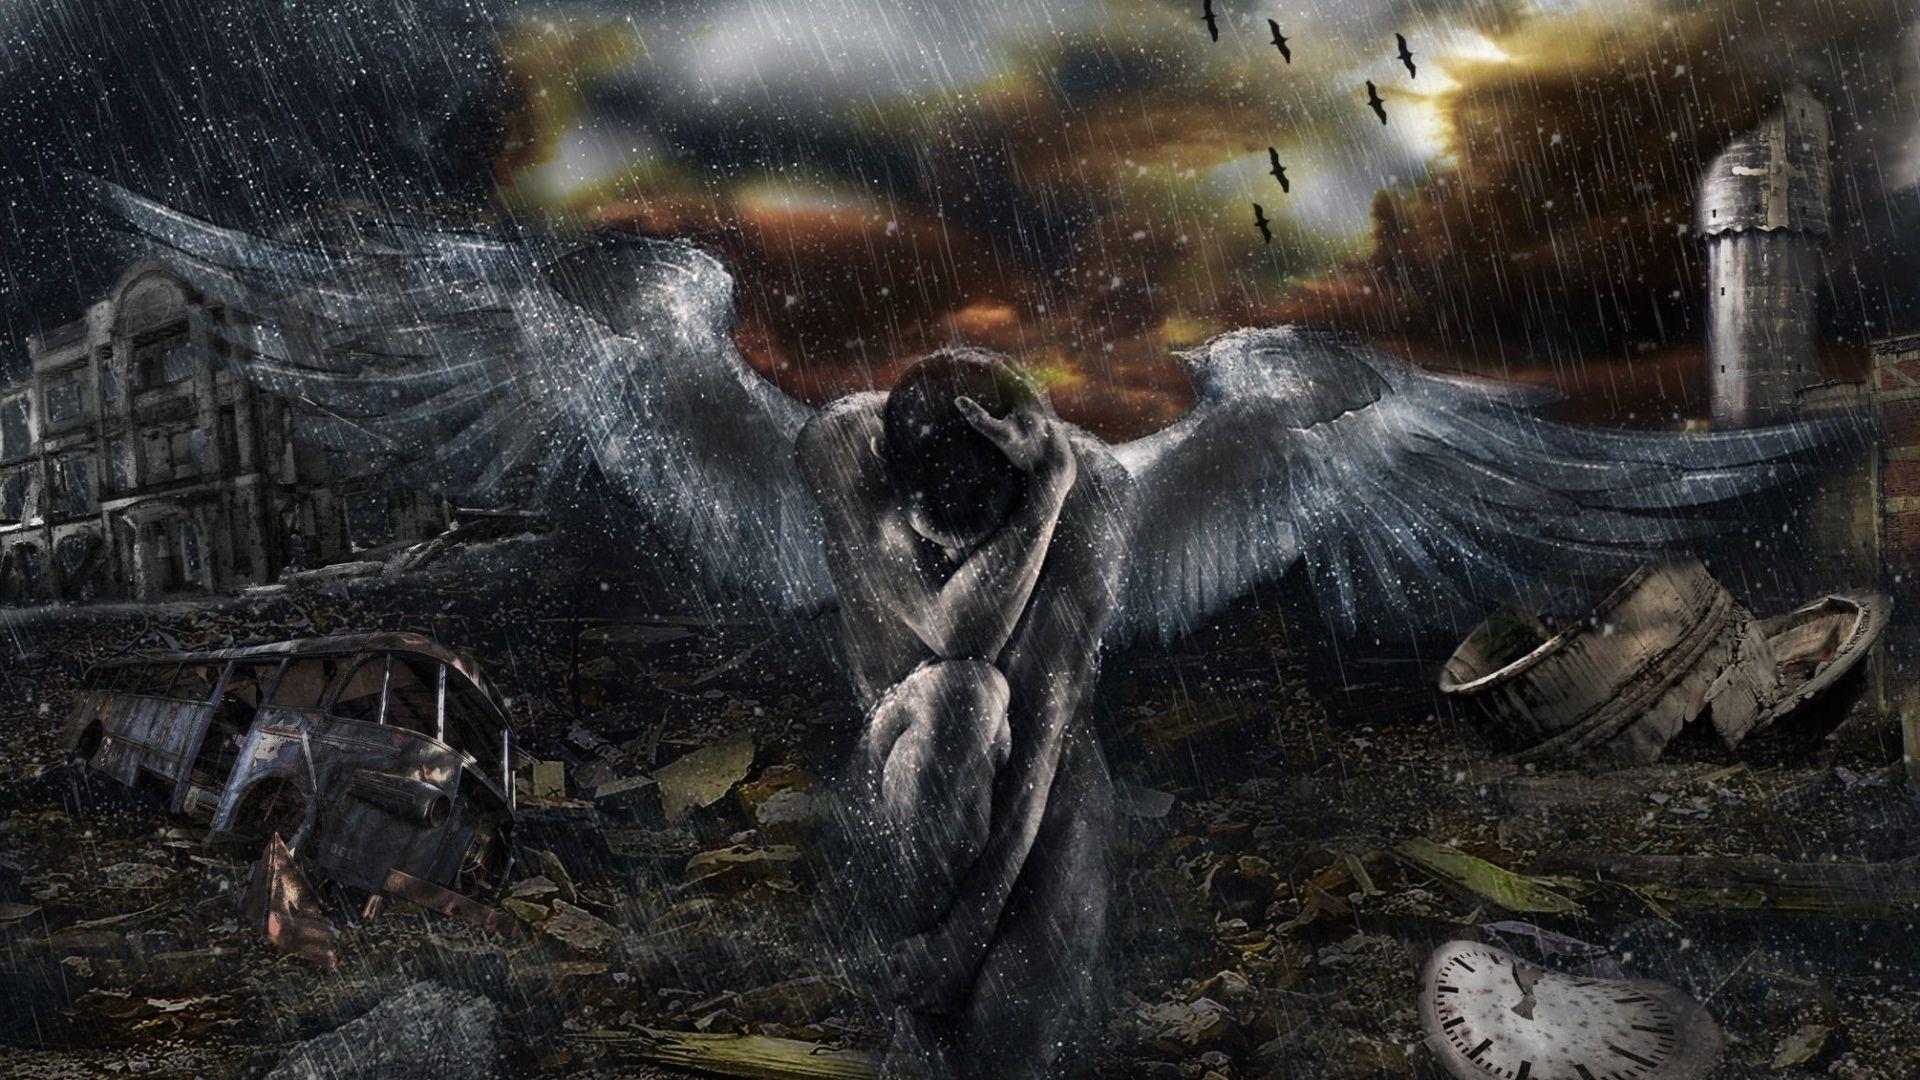 angel sad fantasy - Cerca con Google